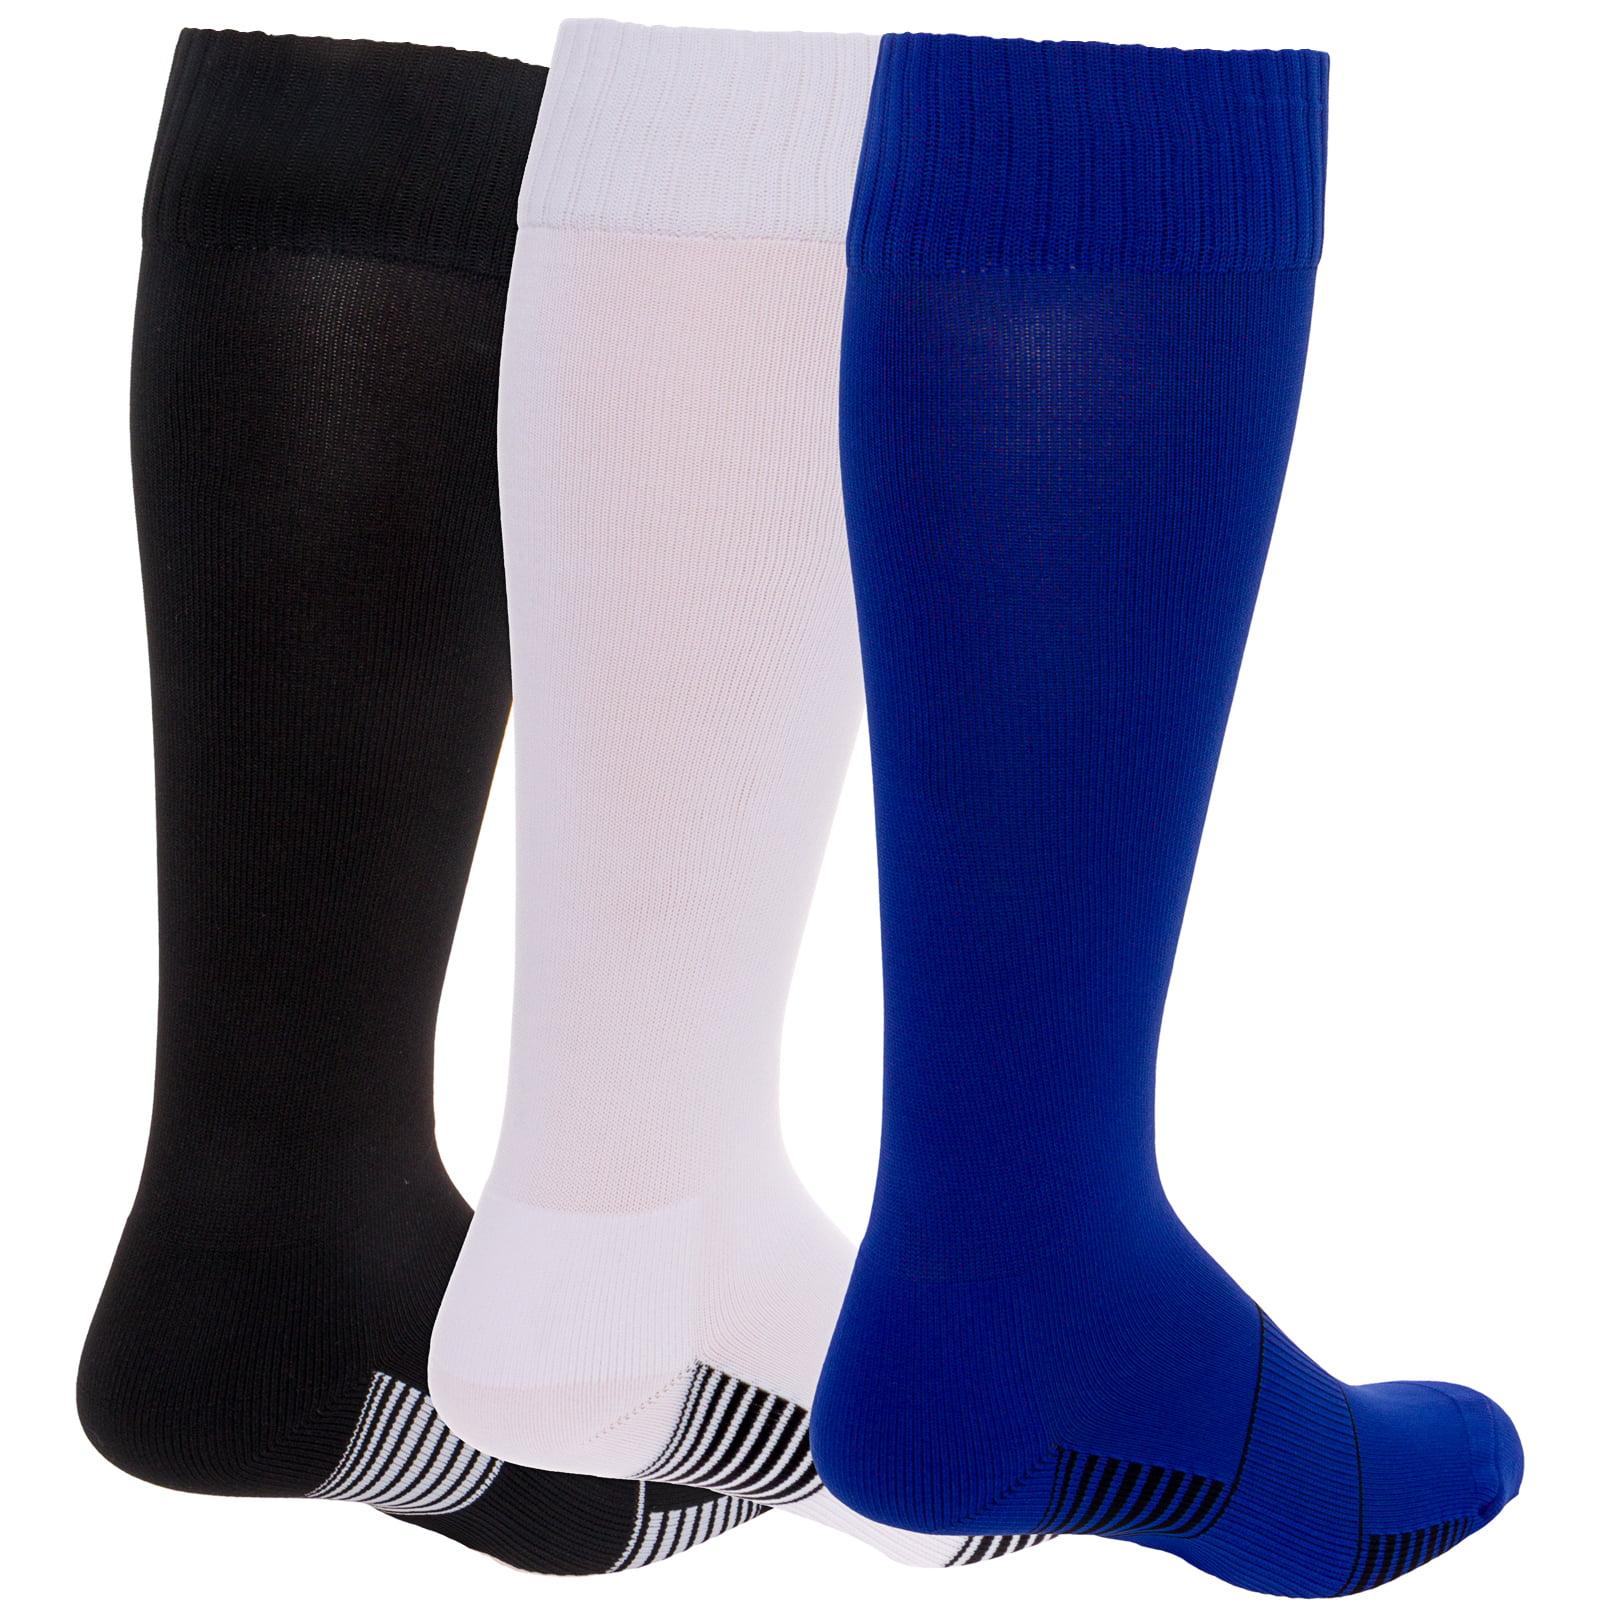 LISH 3 Pack Mens Elite Football Socks Athletic Over-The-Calf Sport Socks